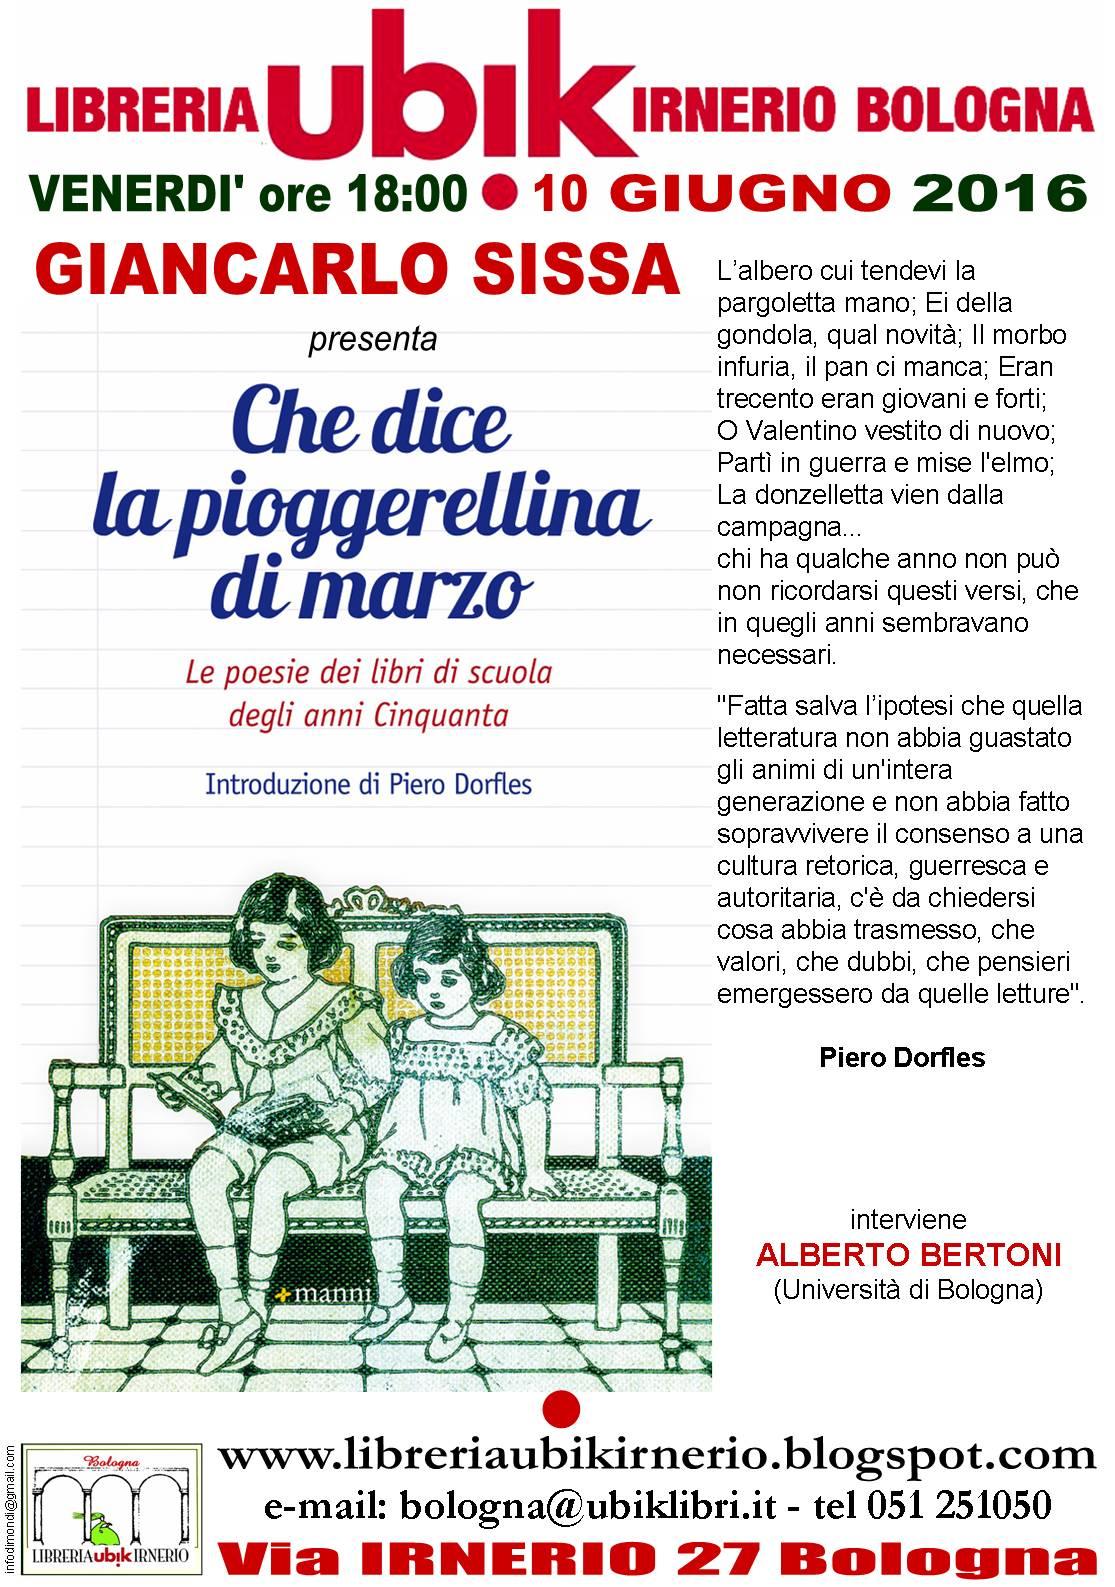 Libreria Irnerio Bologna Giancarlo Sissa Presenta Che Dice La